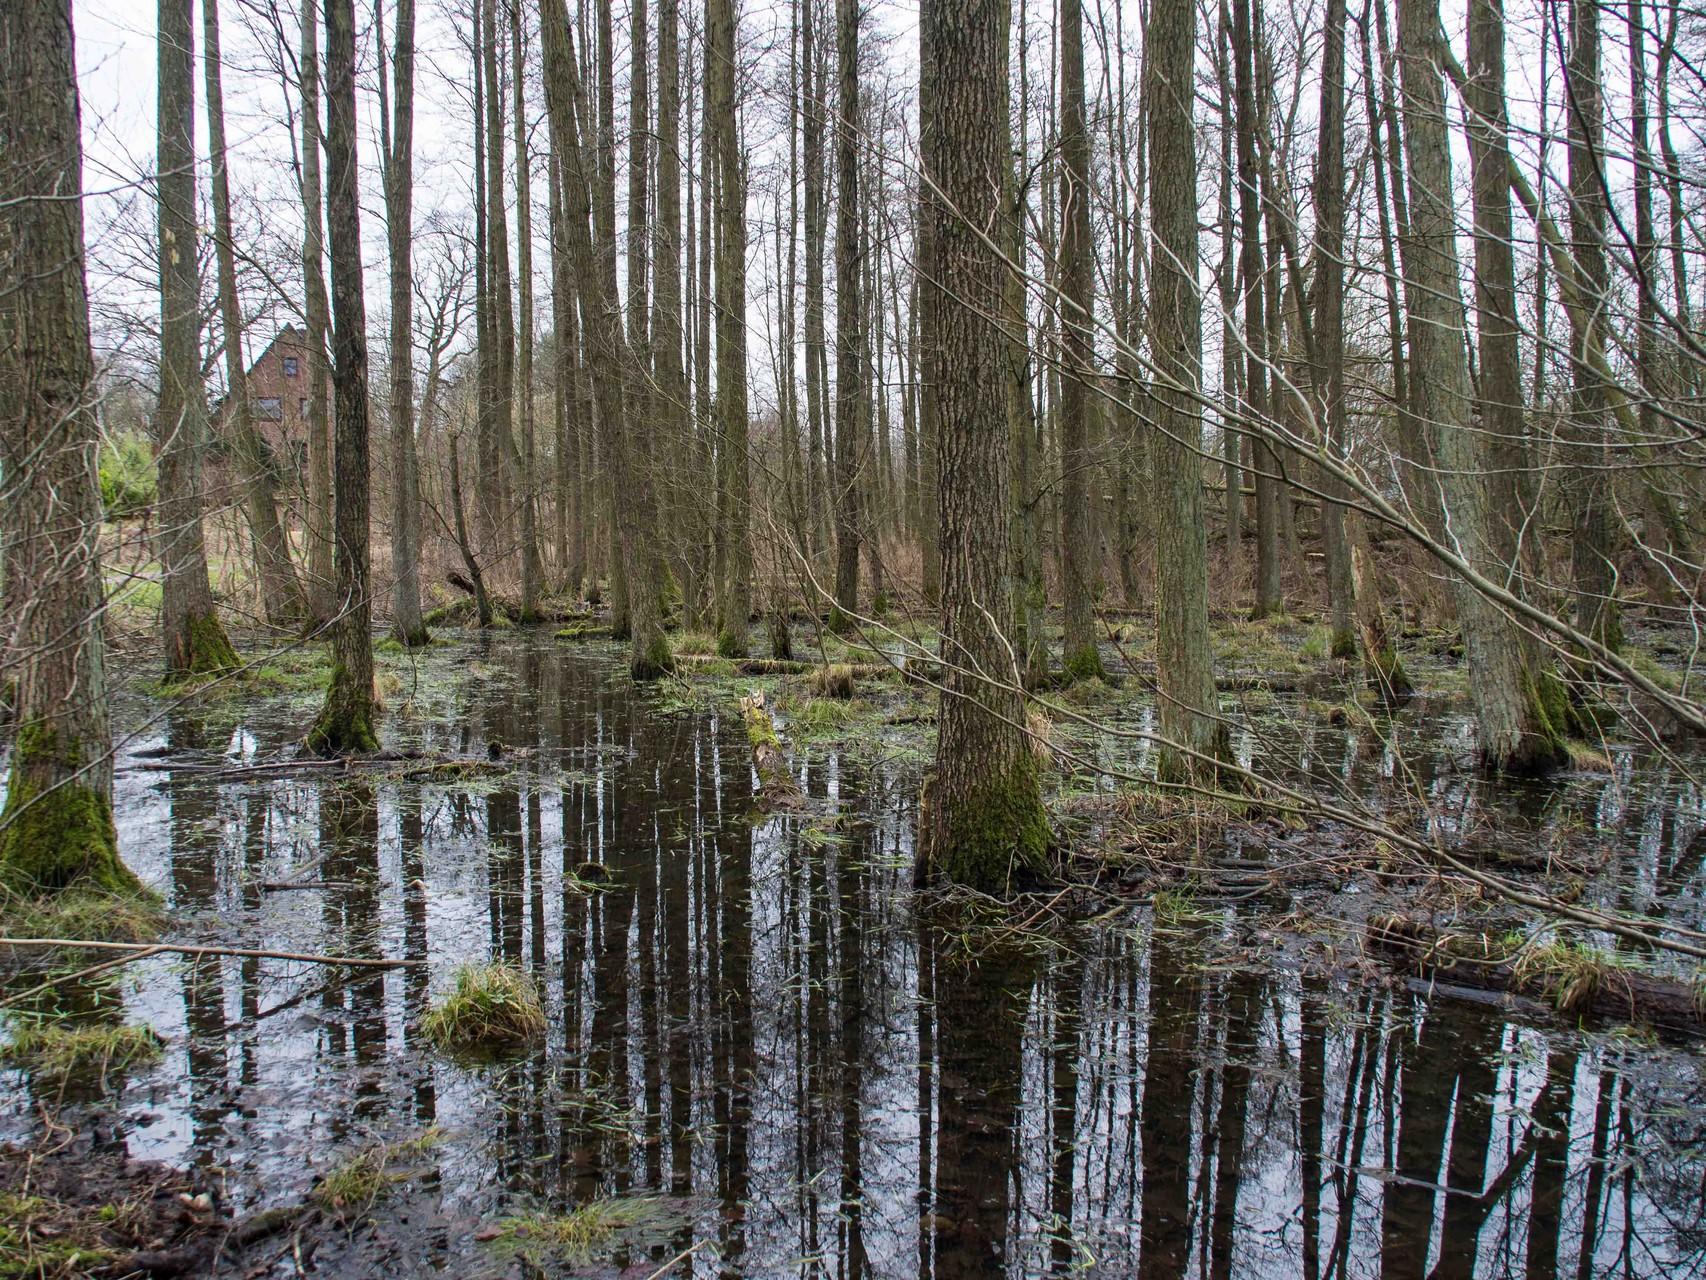 Bild: Spiegelung der Bäume im See